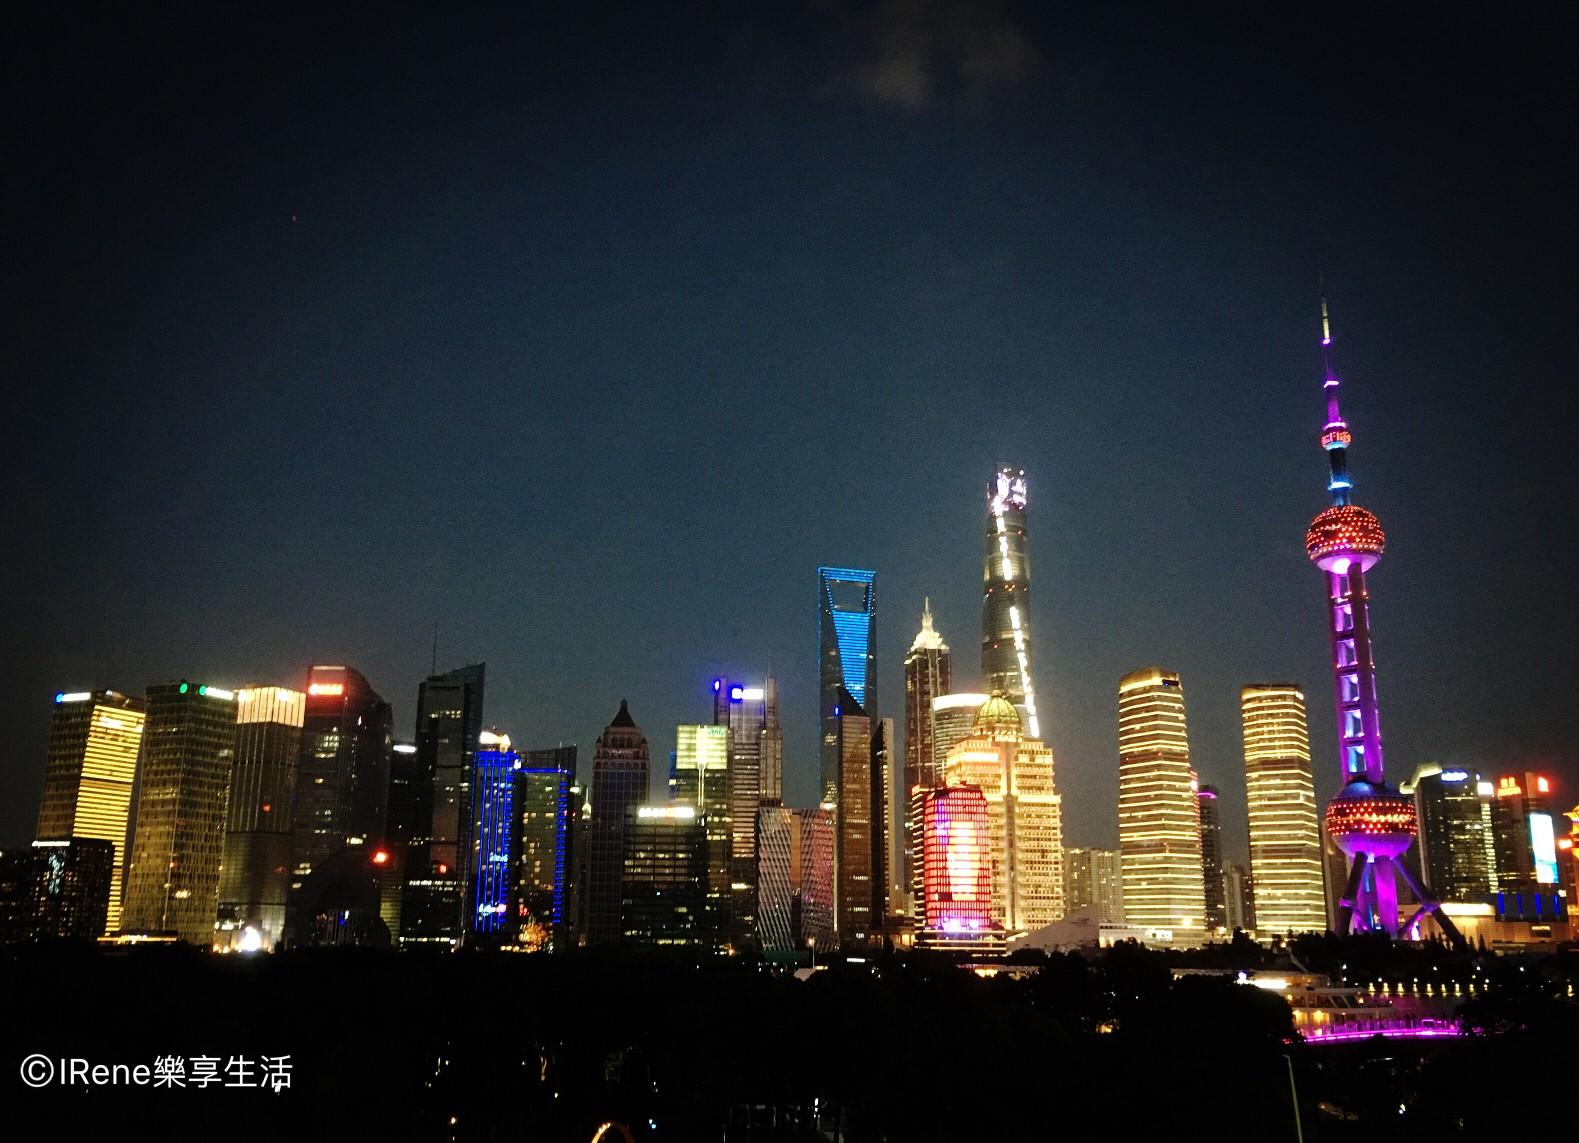 上海夜景酒吧-上海外灘W Hotel Wet Bar池畔酒吧夜景